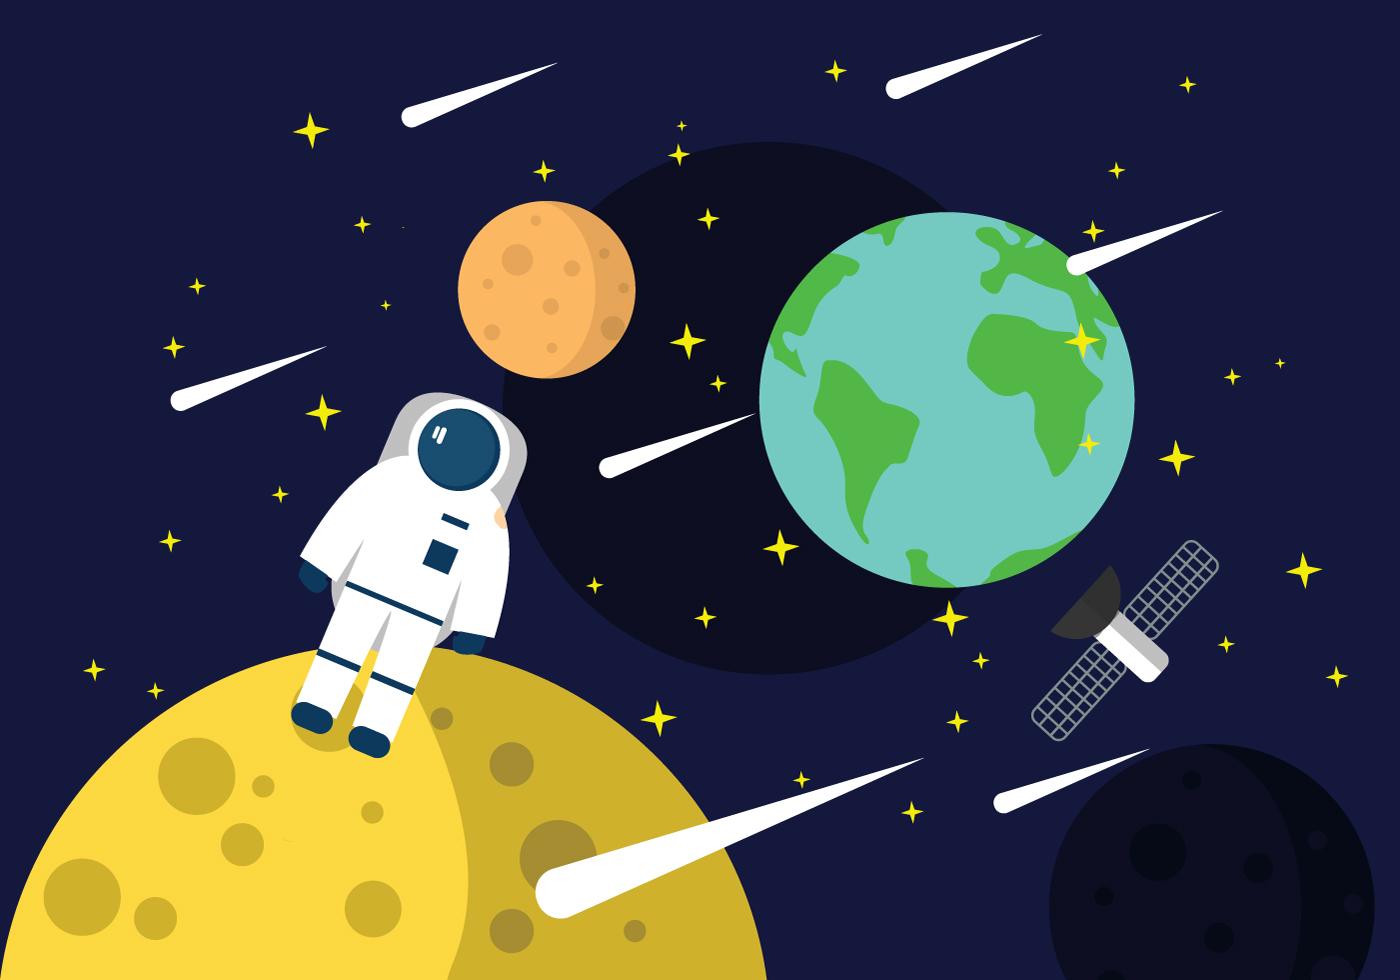 astronaut in space vector art - photo #23